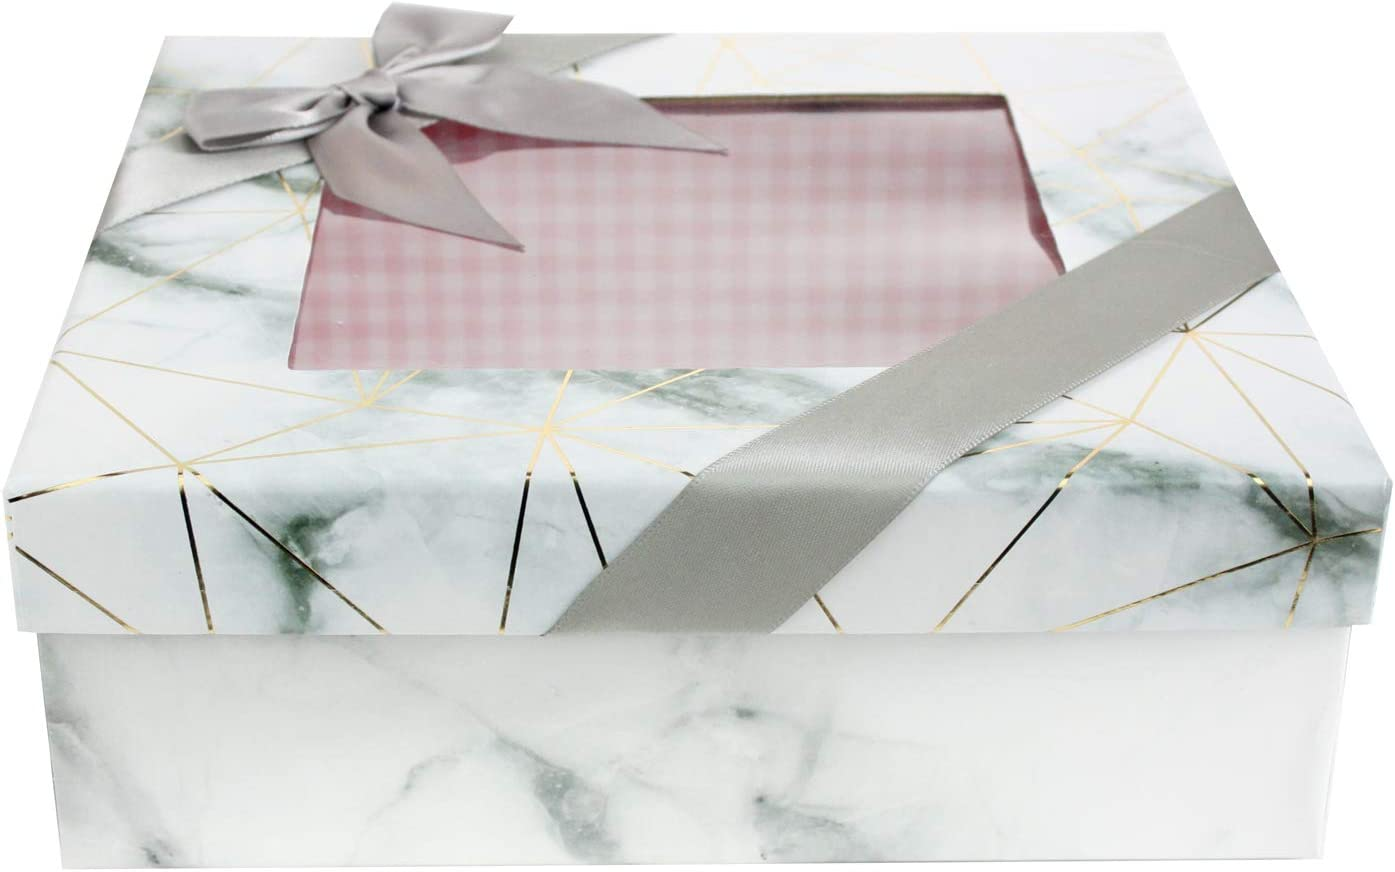 Rosa Kariertes Interieur Klares Oberteil Und Satinschleifenband Emartbuy Starre Quadratische Luxus-Pr/äsentations Geschenkbox Wei/ßer Marmor Effekt Mit Goldenen Origami-Linien 20 cm x 20 cm x 8 cm